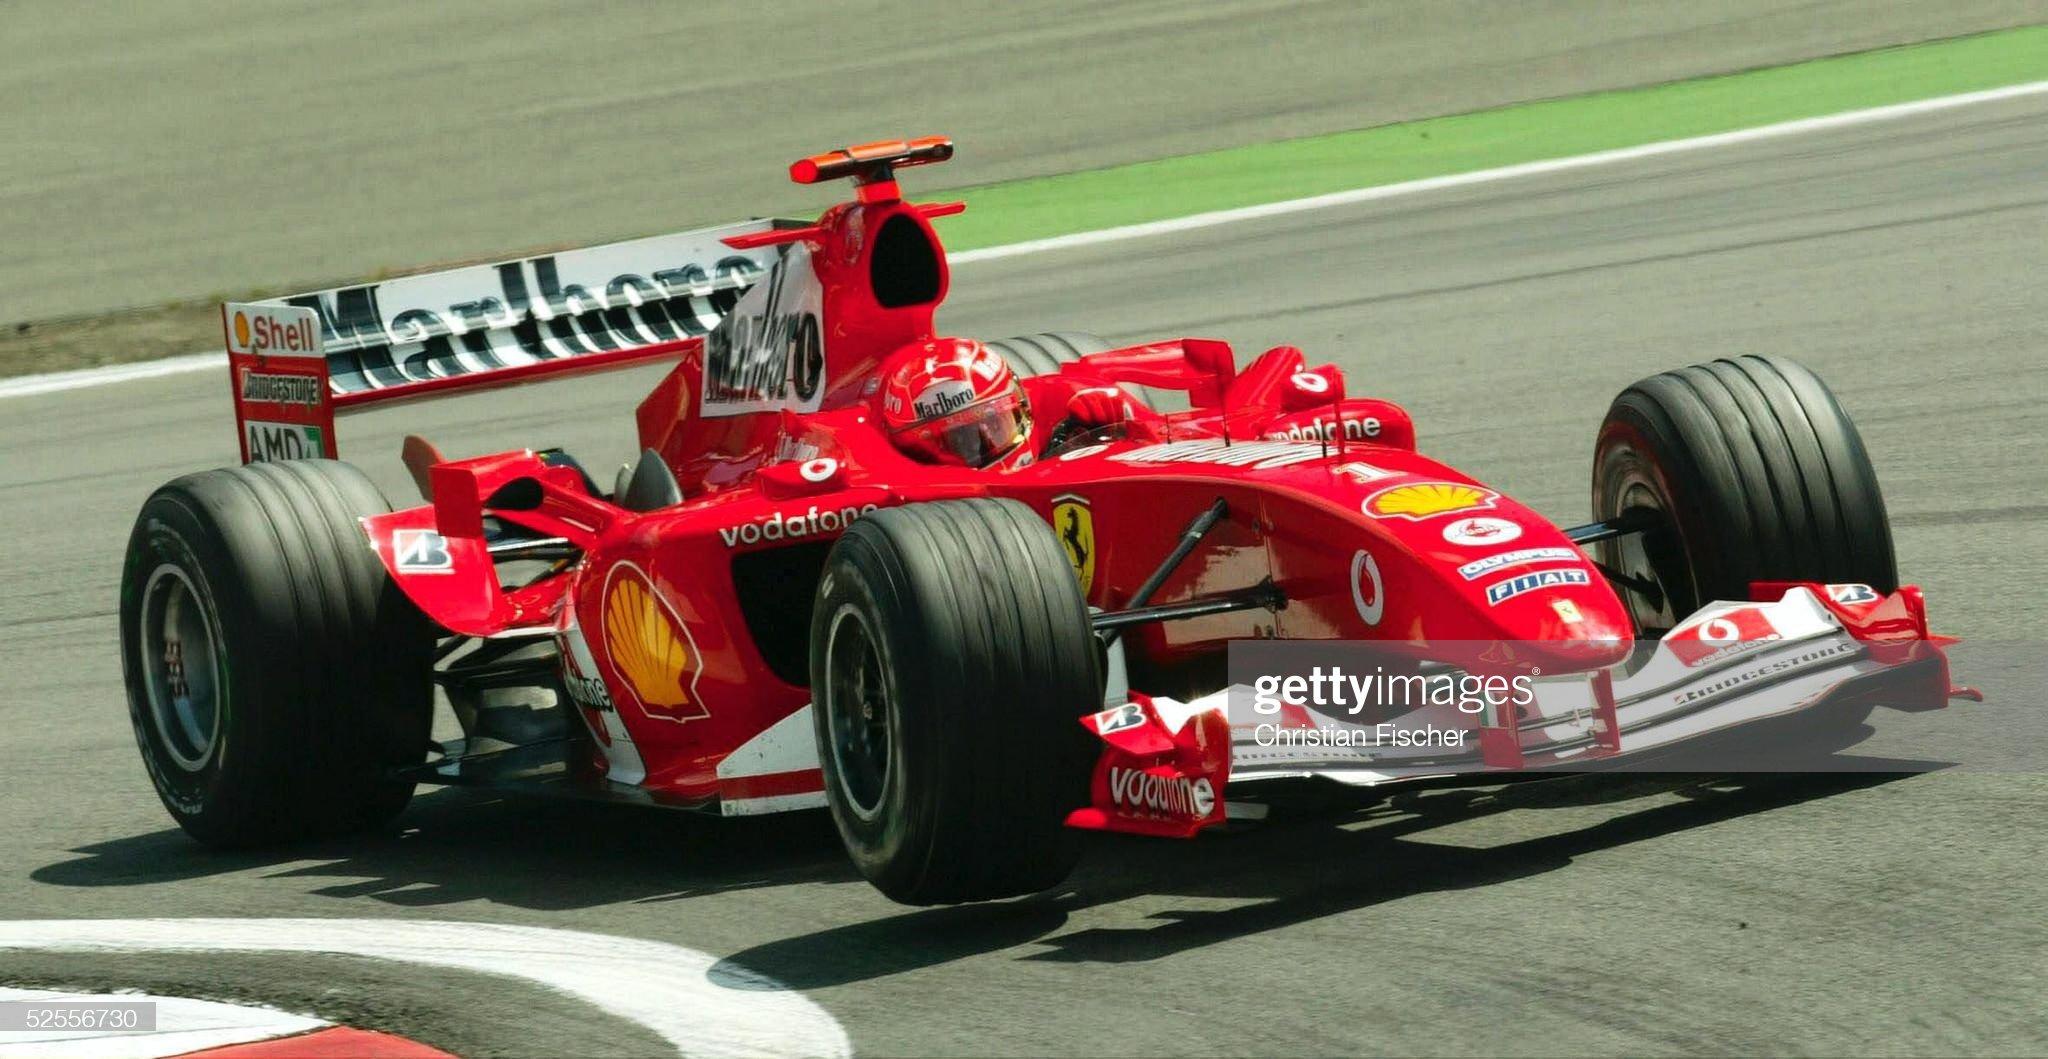 Motorsport/Formel 1: GP von Europa 2004 : News Photo